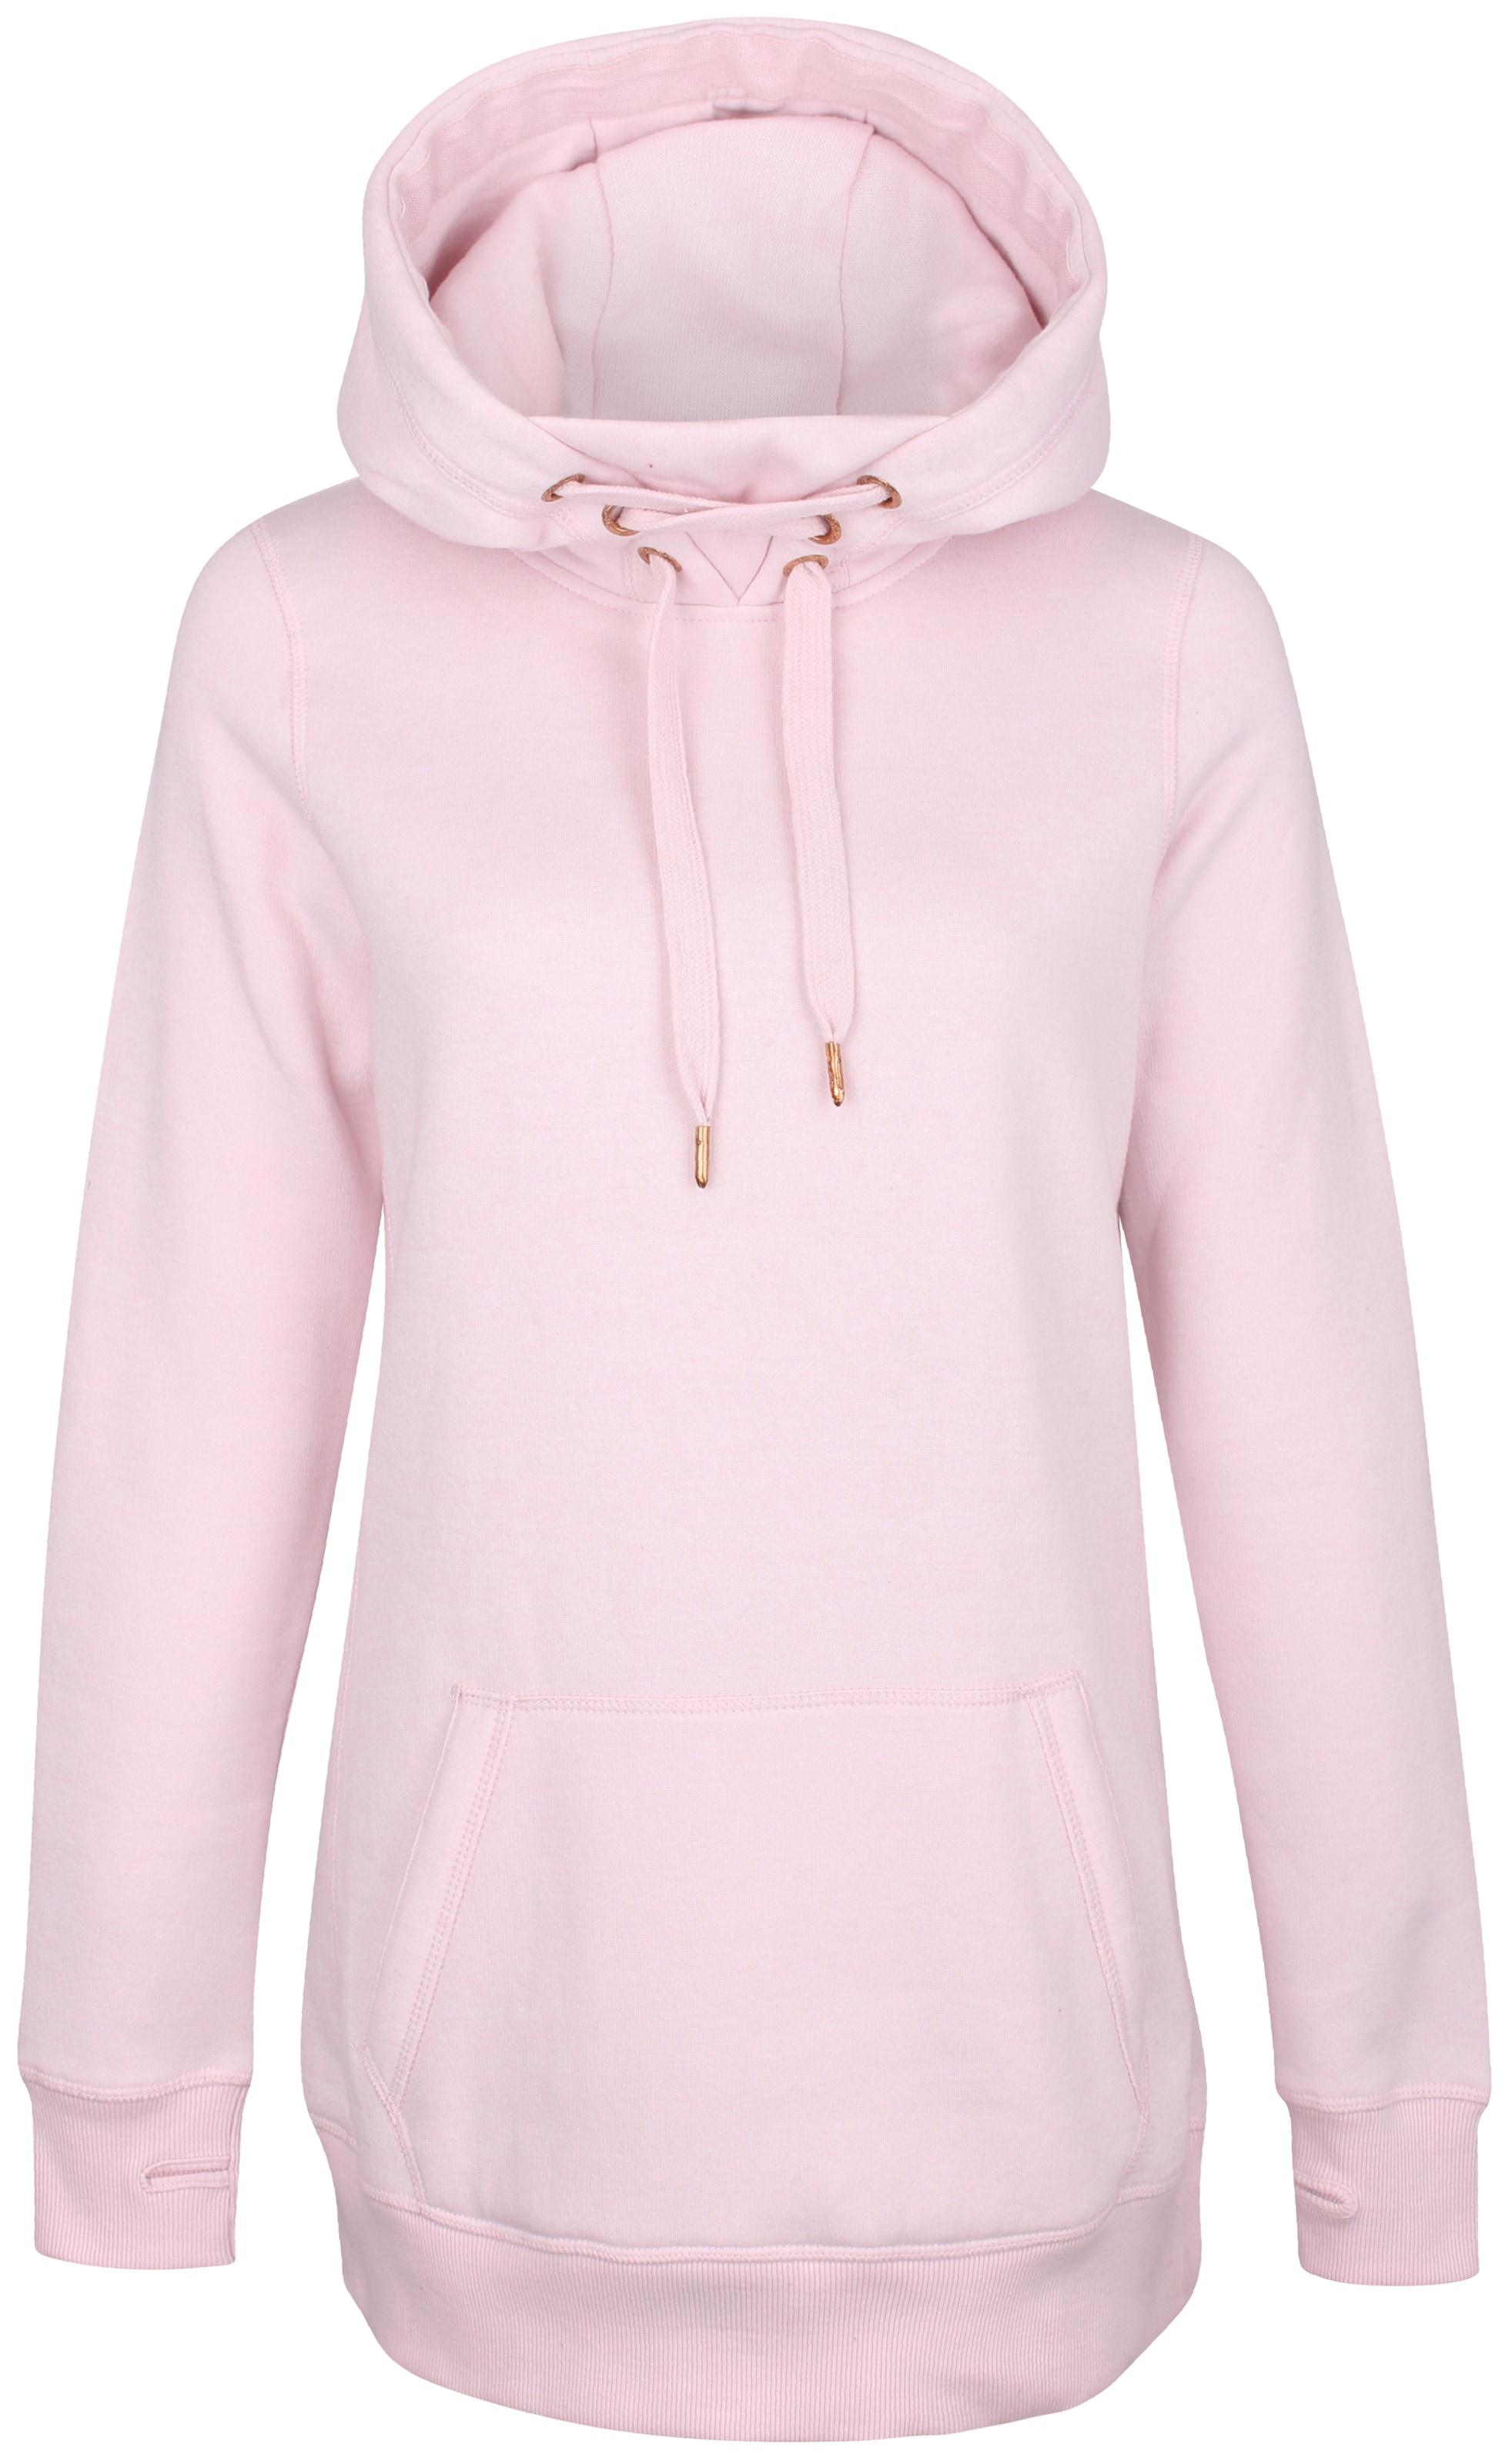 Hoodie Mymo Hoodie In Pink Mymo nwOP08k